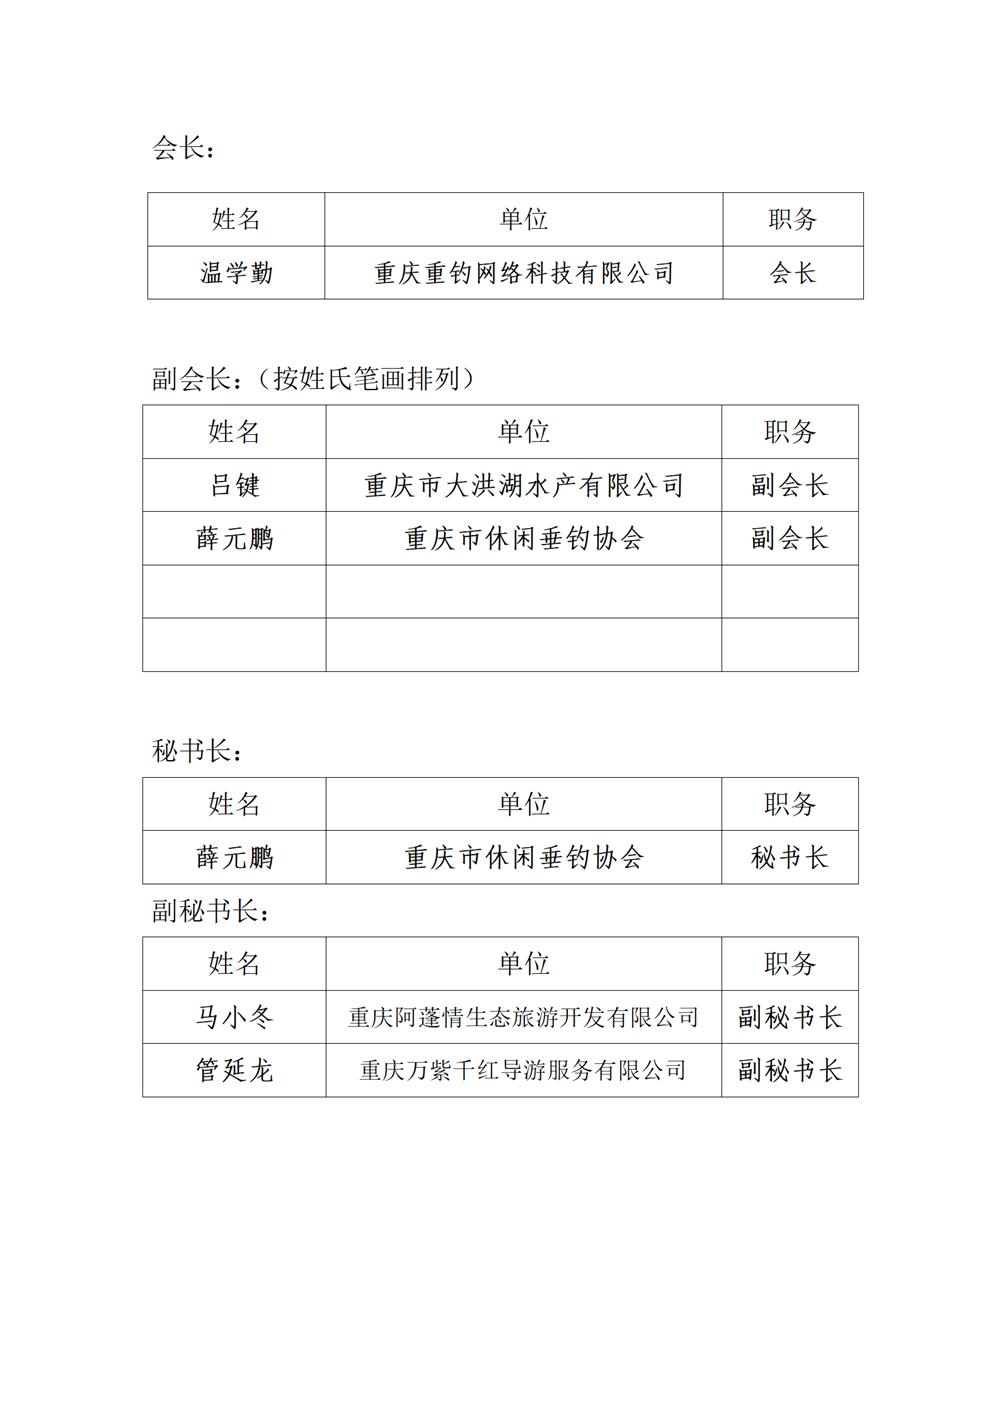 机构名单.png